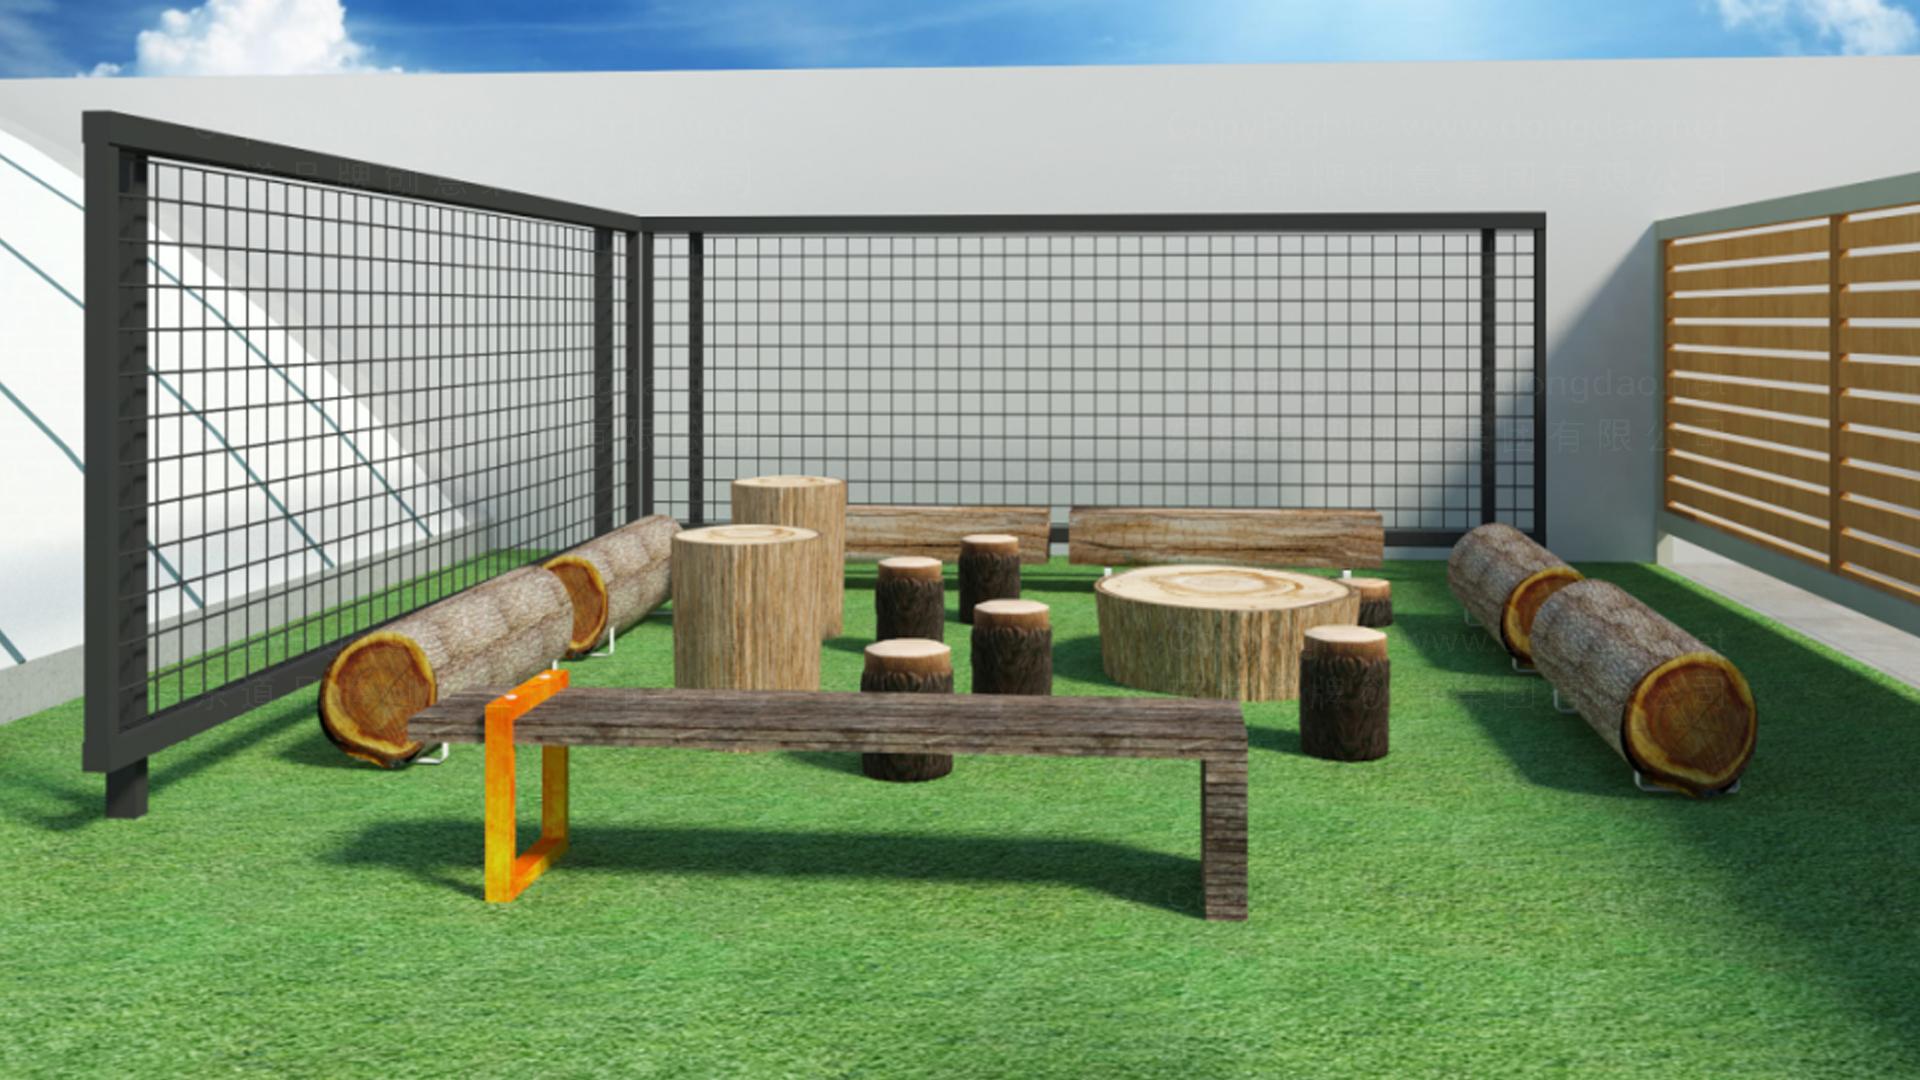 商业空间&导示奥一农场农场SI设计应用场景_1